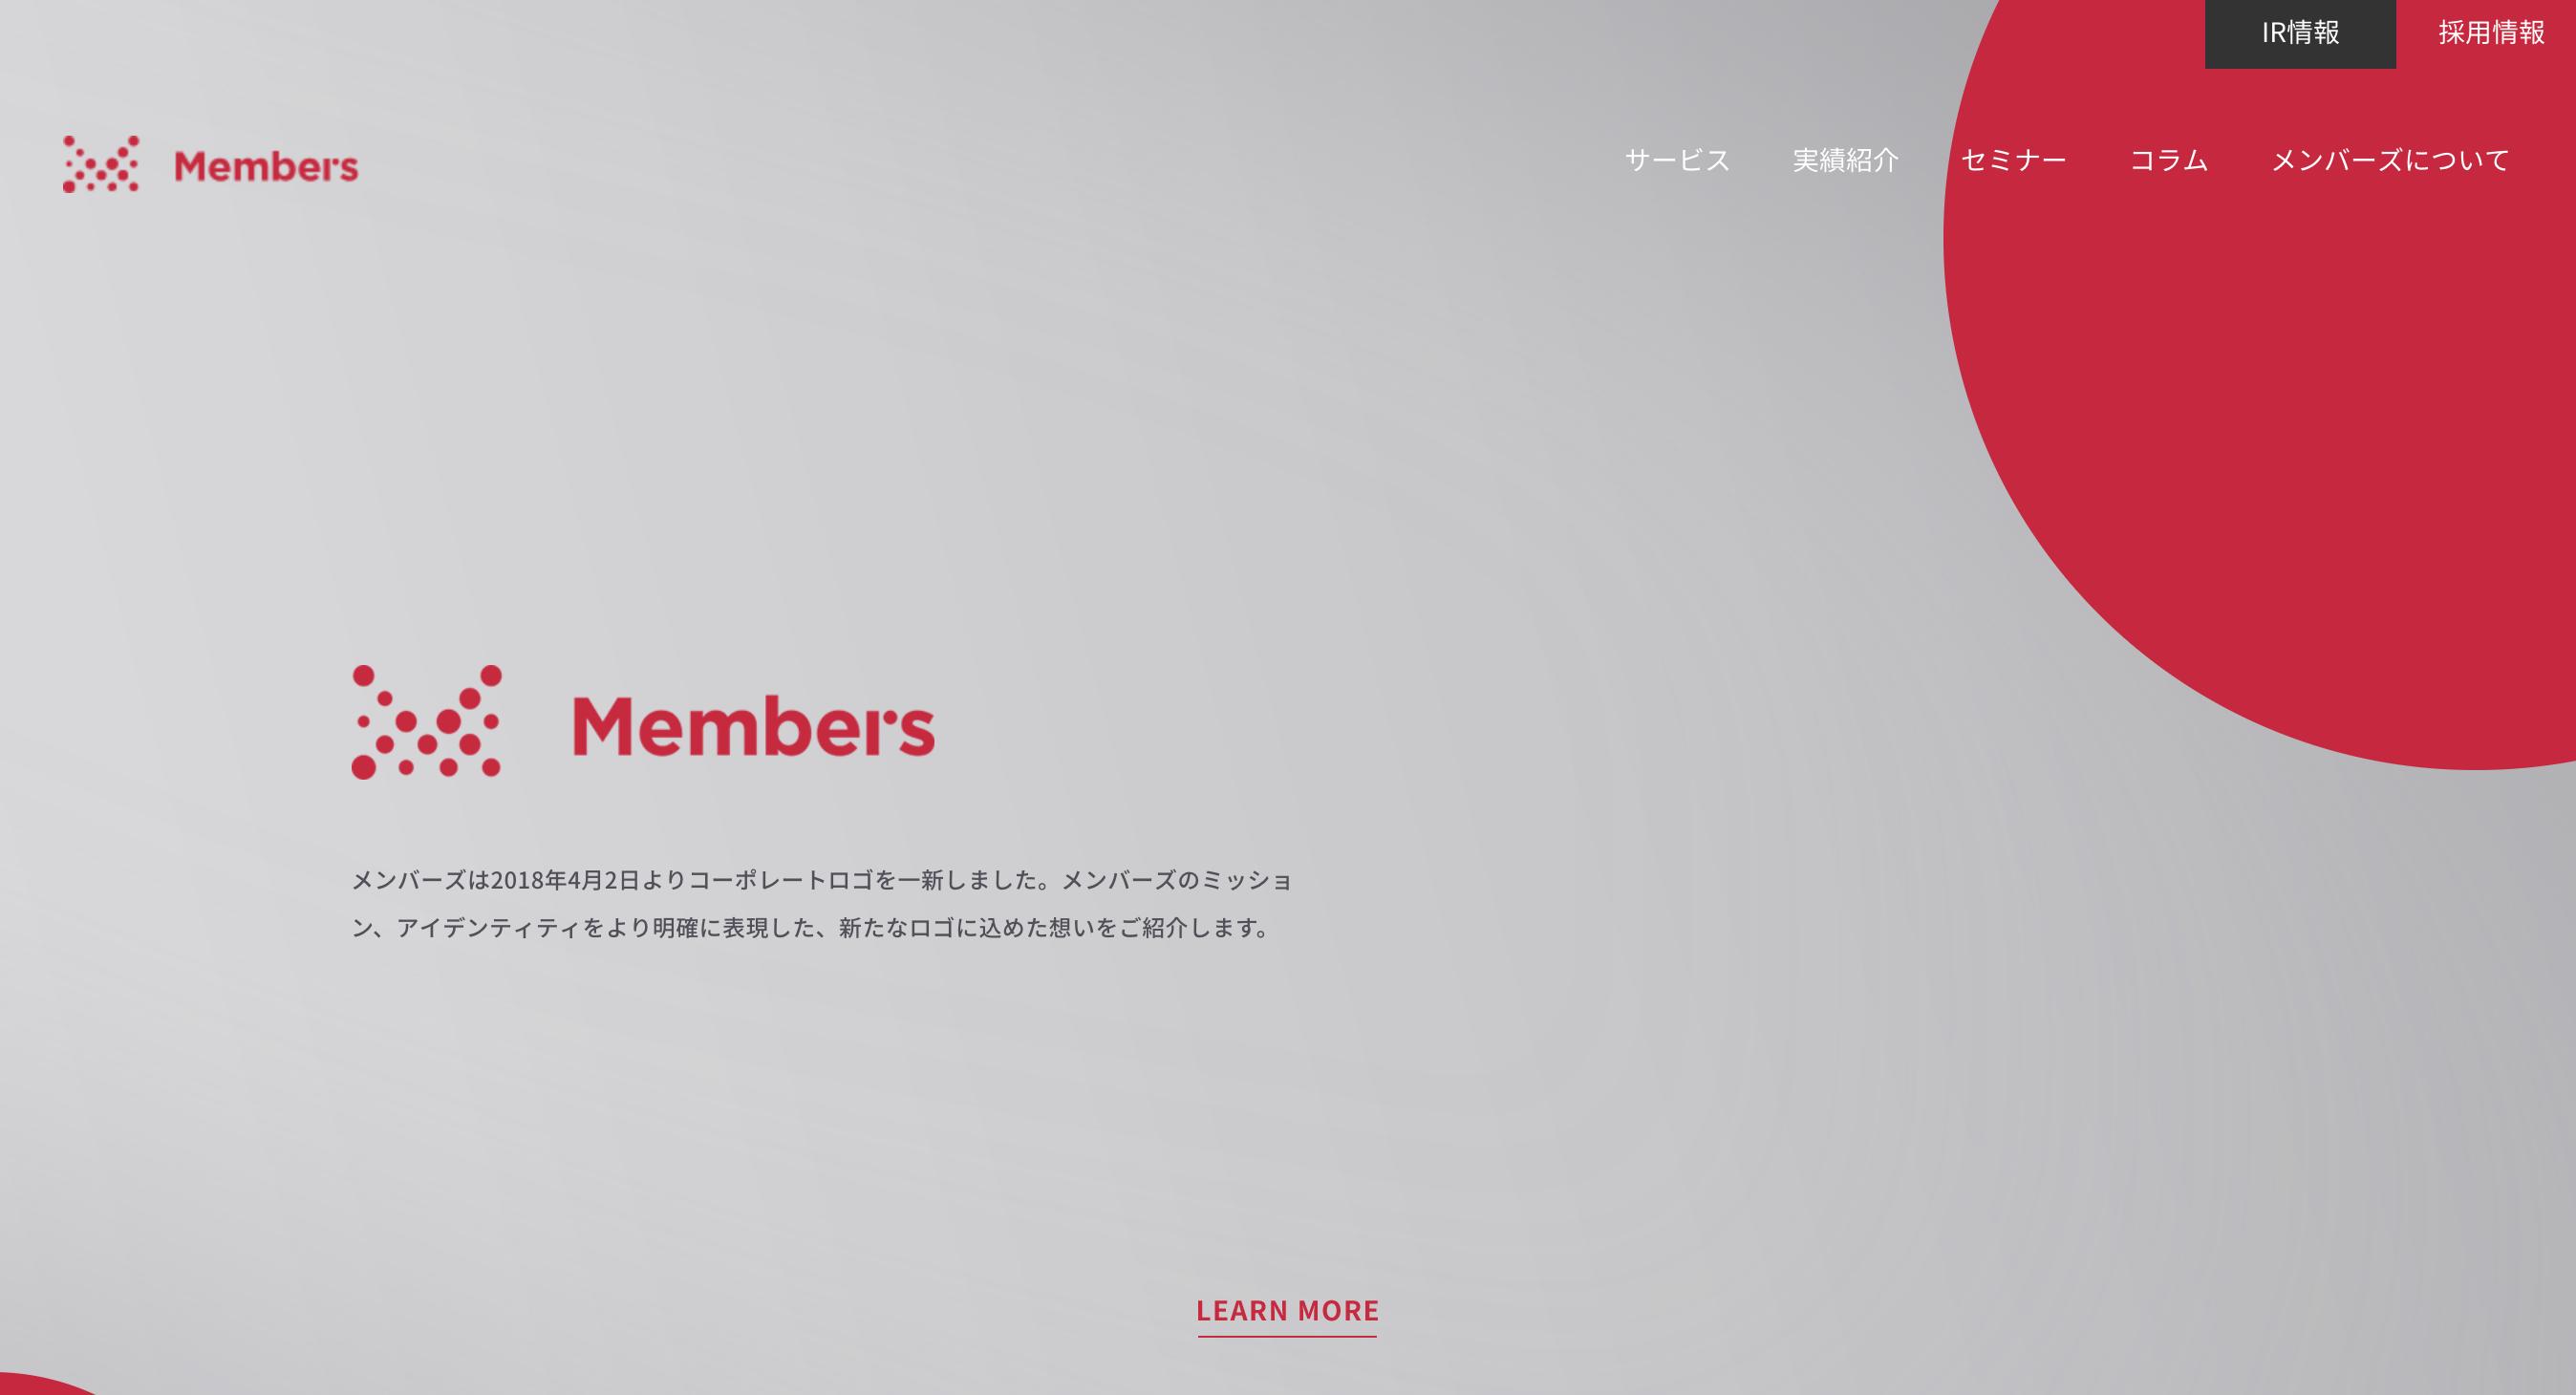 Menbers_トップページ